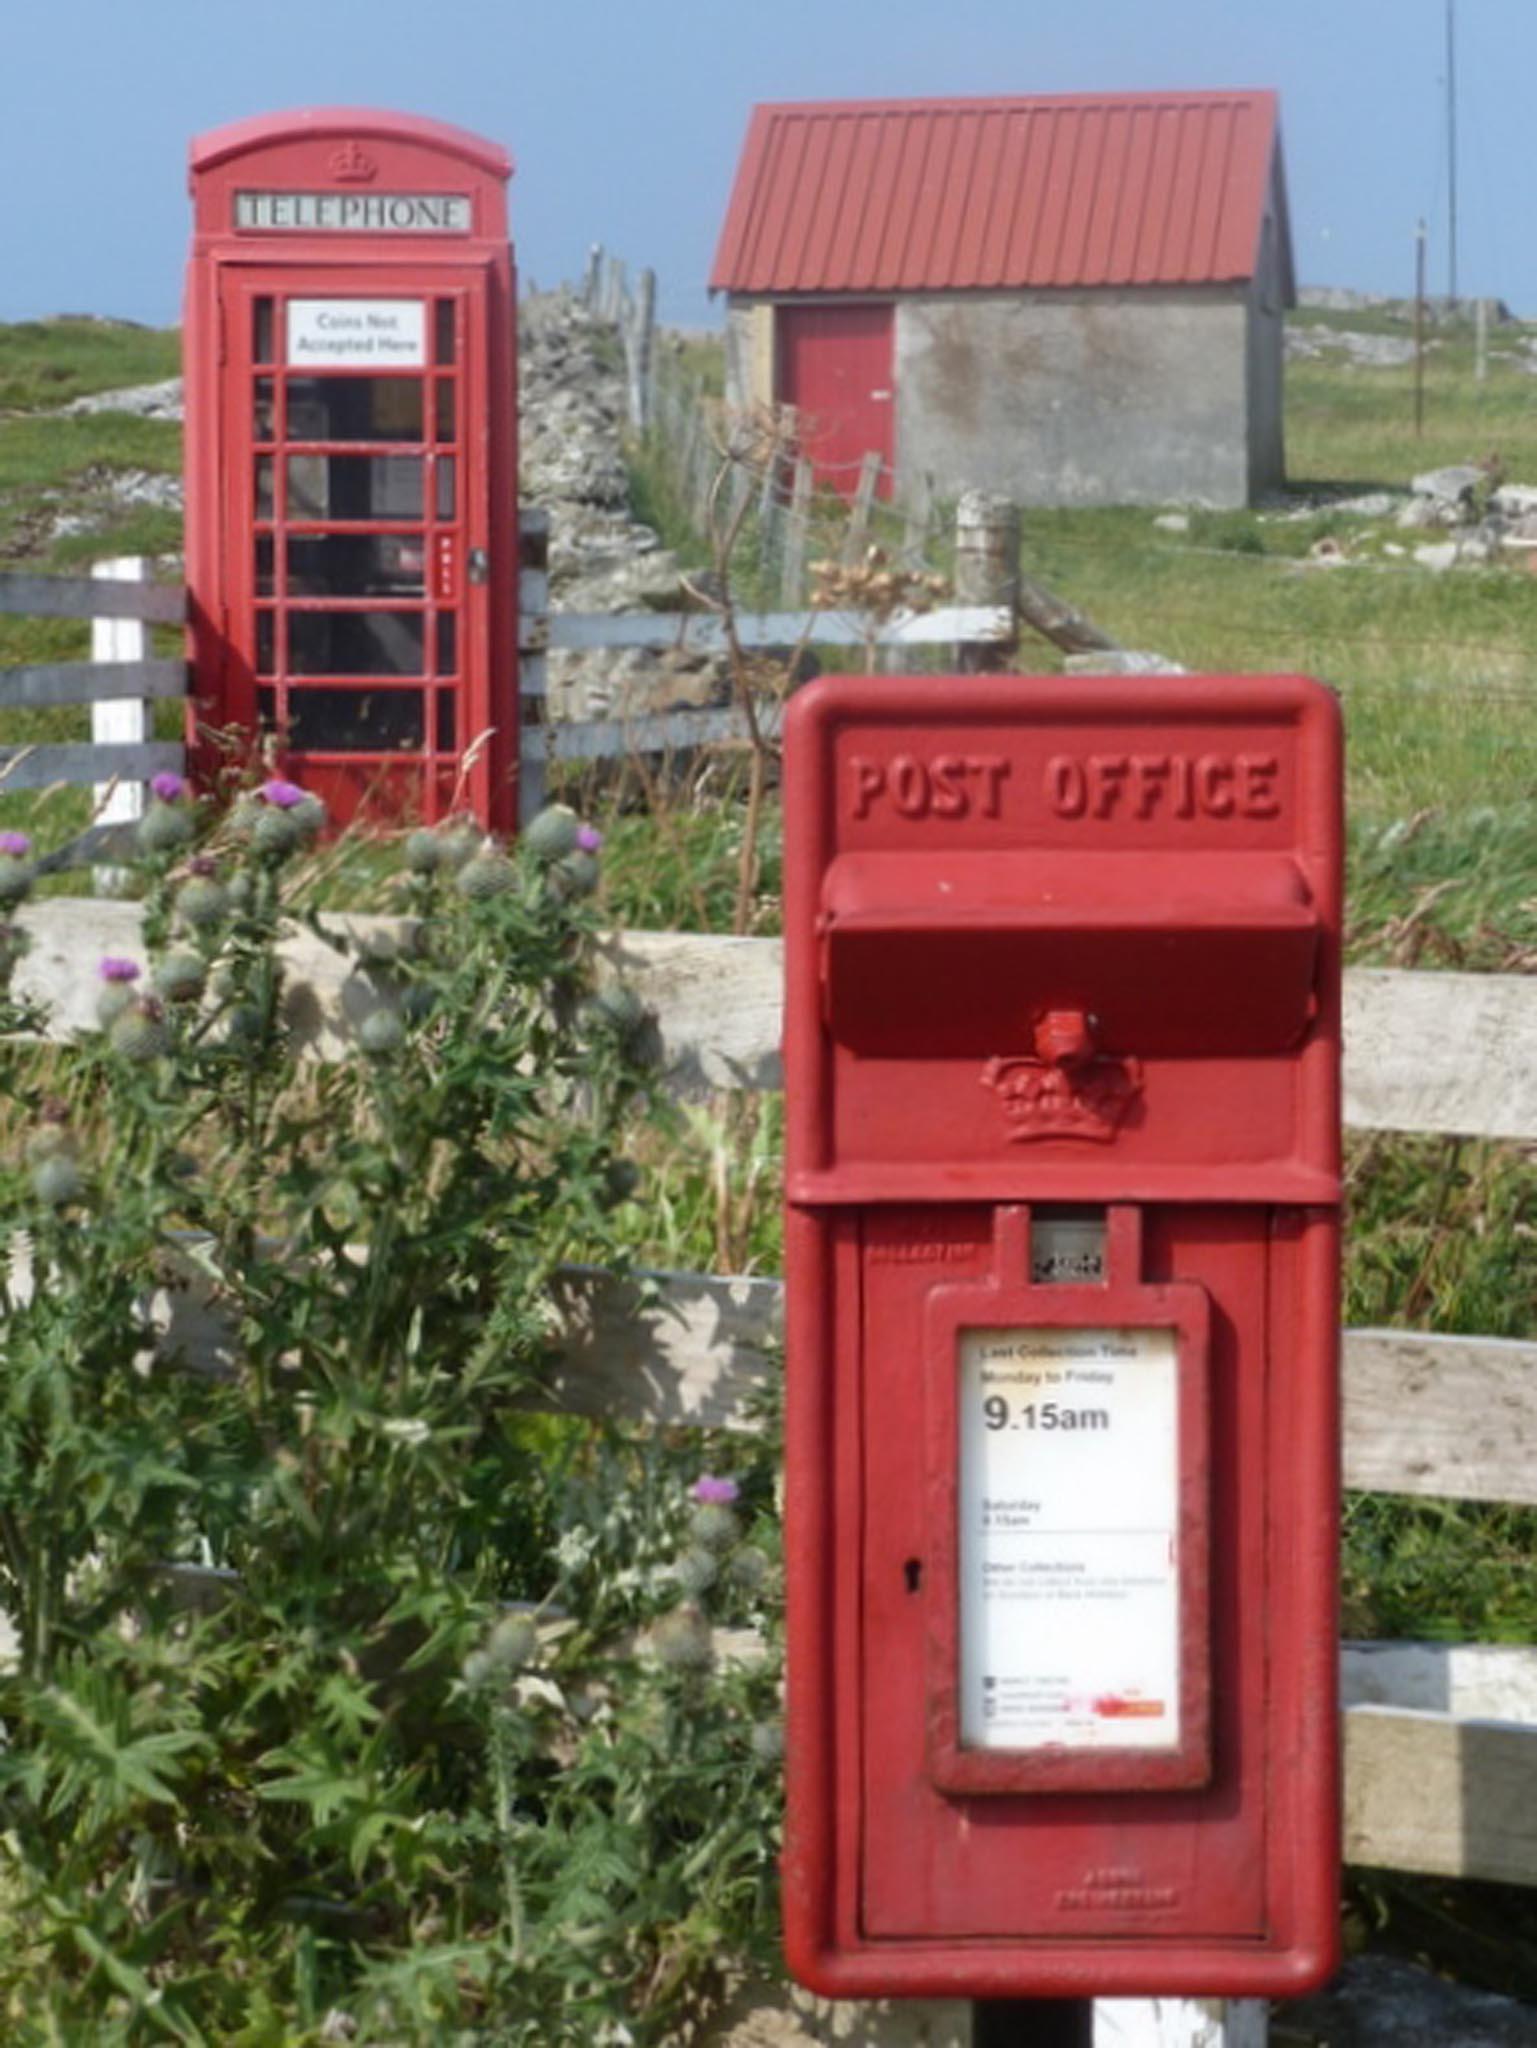 ER/Scottish Crown lamp box, 1980s, Highlands & Islands. Chris Downer